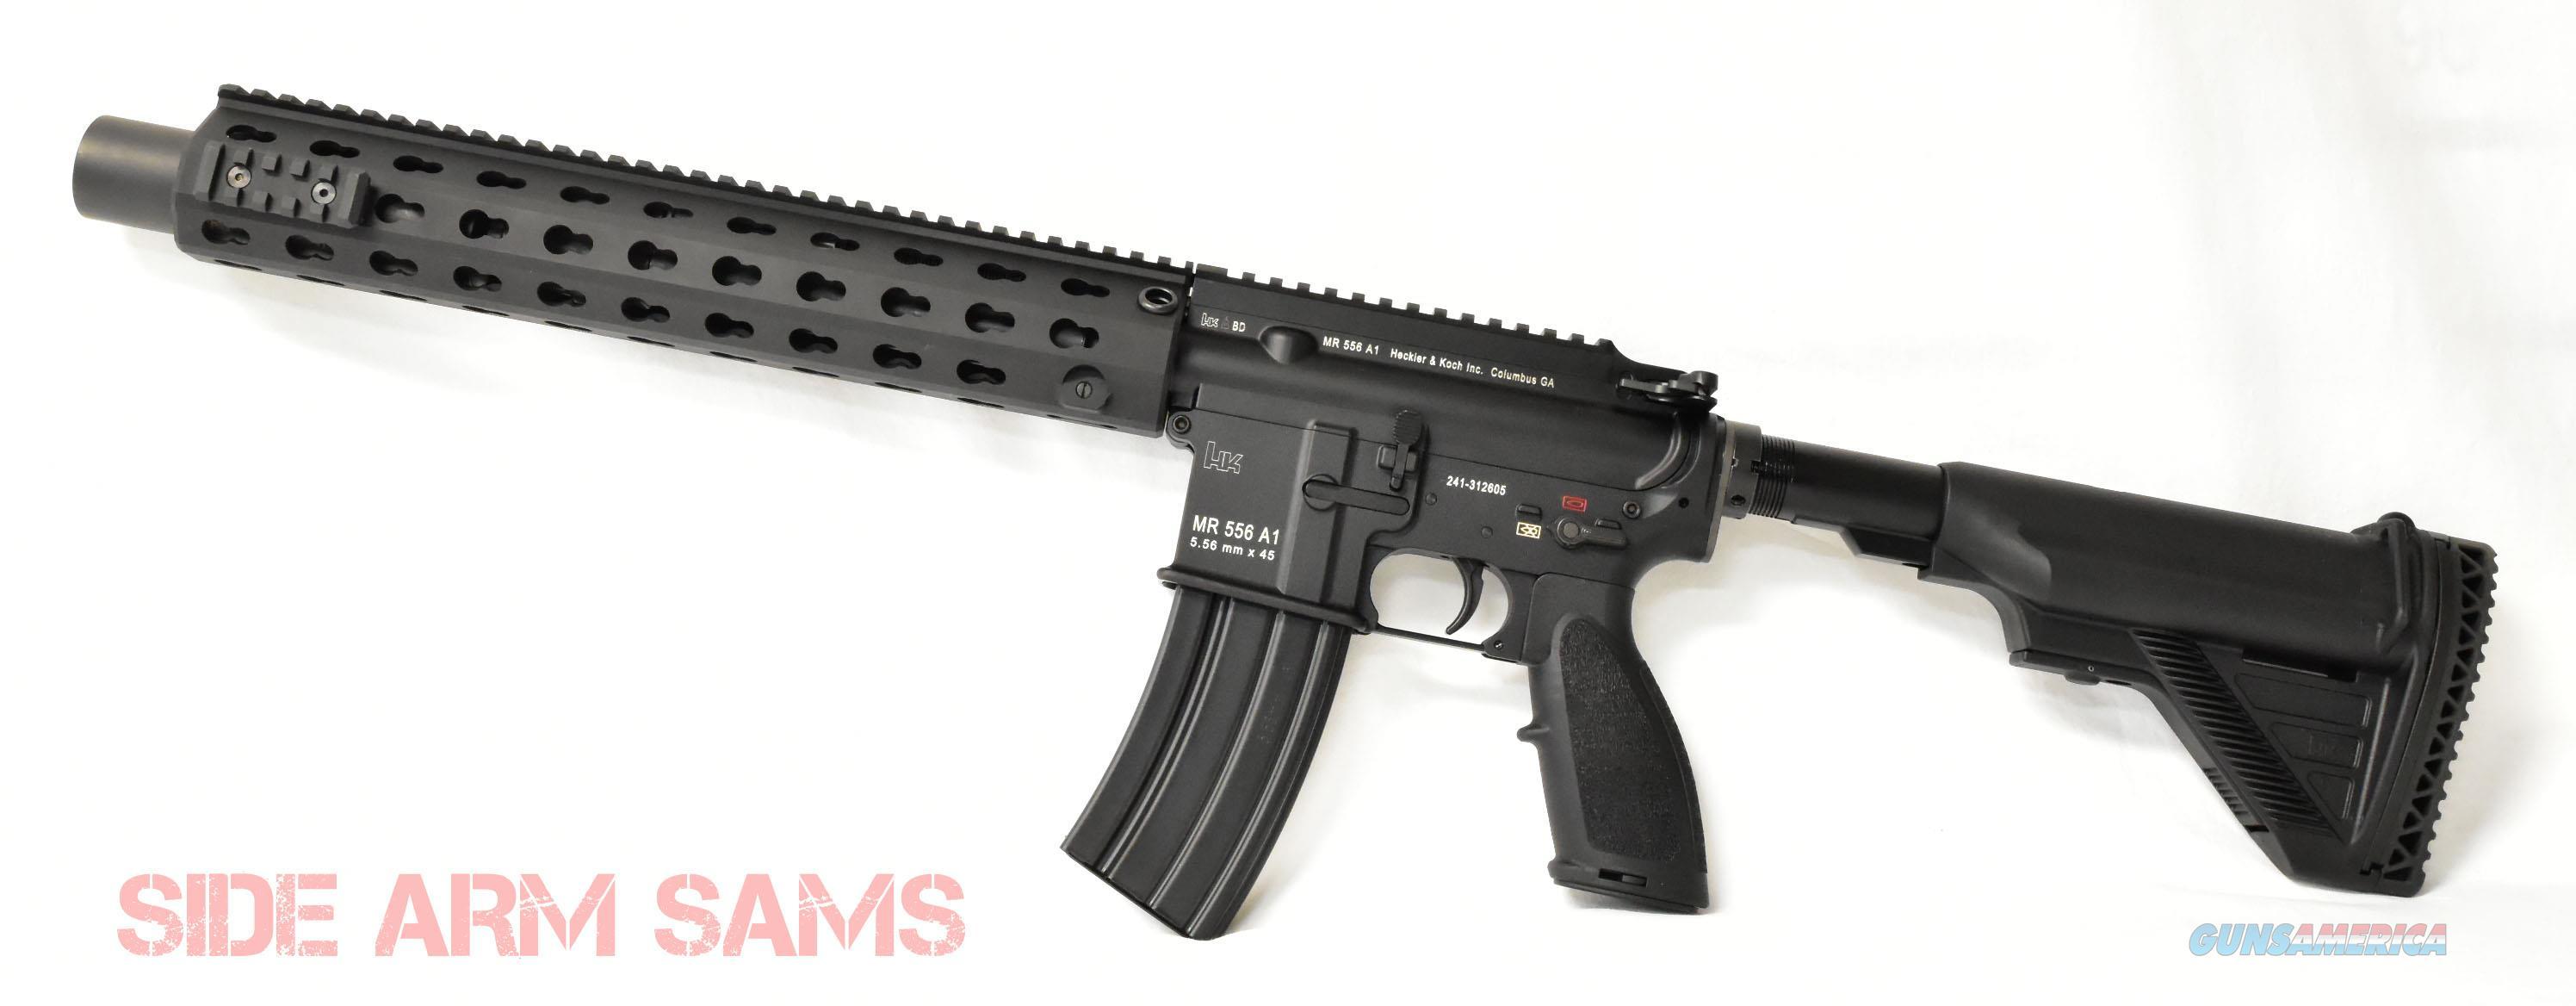 """NEW HK-MR556A1-SD Suppressed 5.56mm 10.4"""" Short Barrel Rifle  Guns > Rifles > Class 3 Rifles > Class 3 Subguns"""